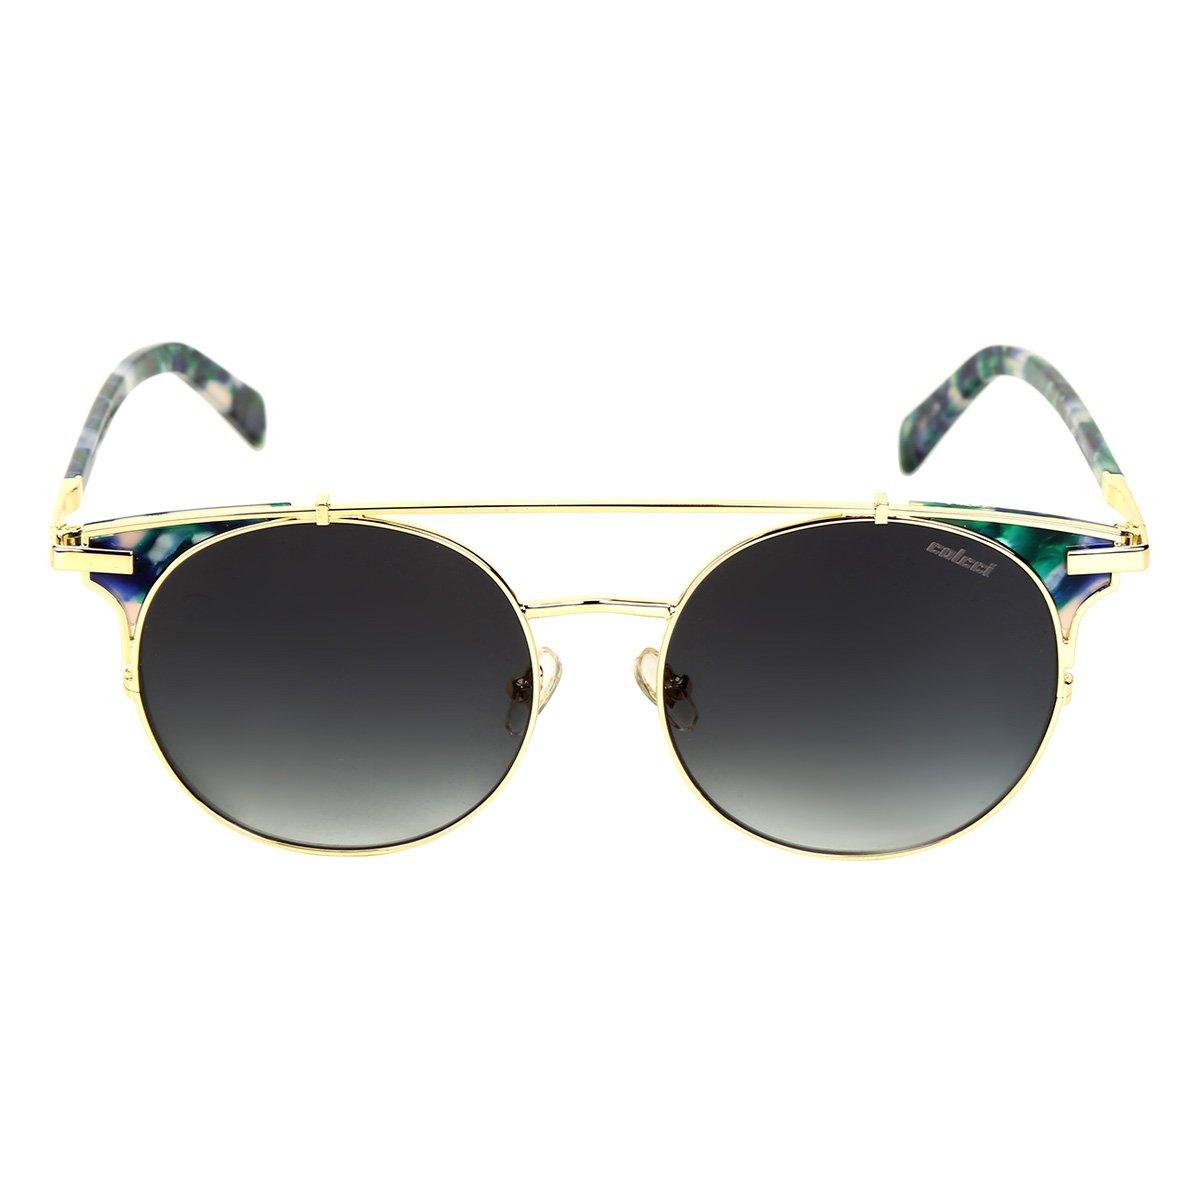 fa9efd0d0f0a4 Óculos de Sol Colcci Demi Brilho Feminino - Compre Agora   Zattini